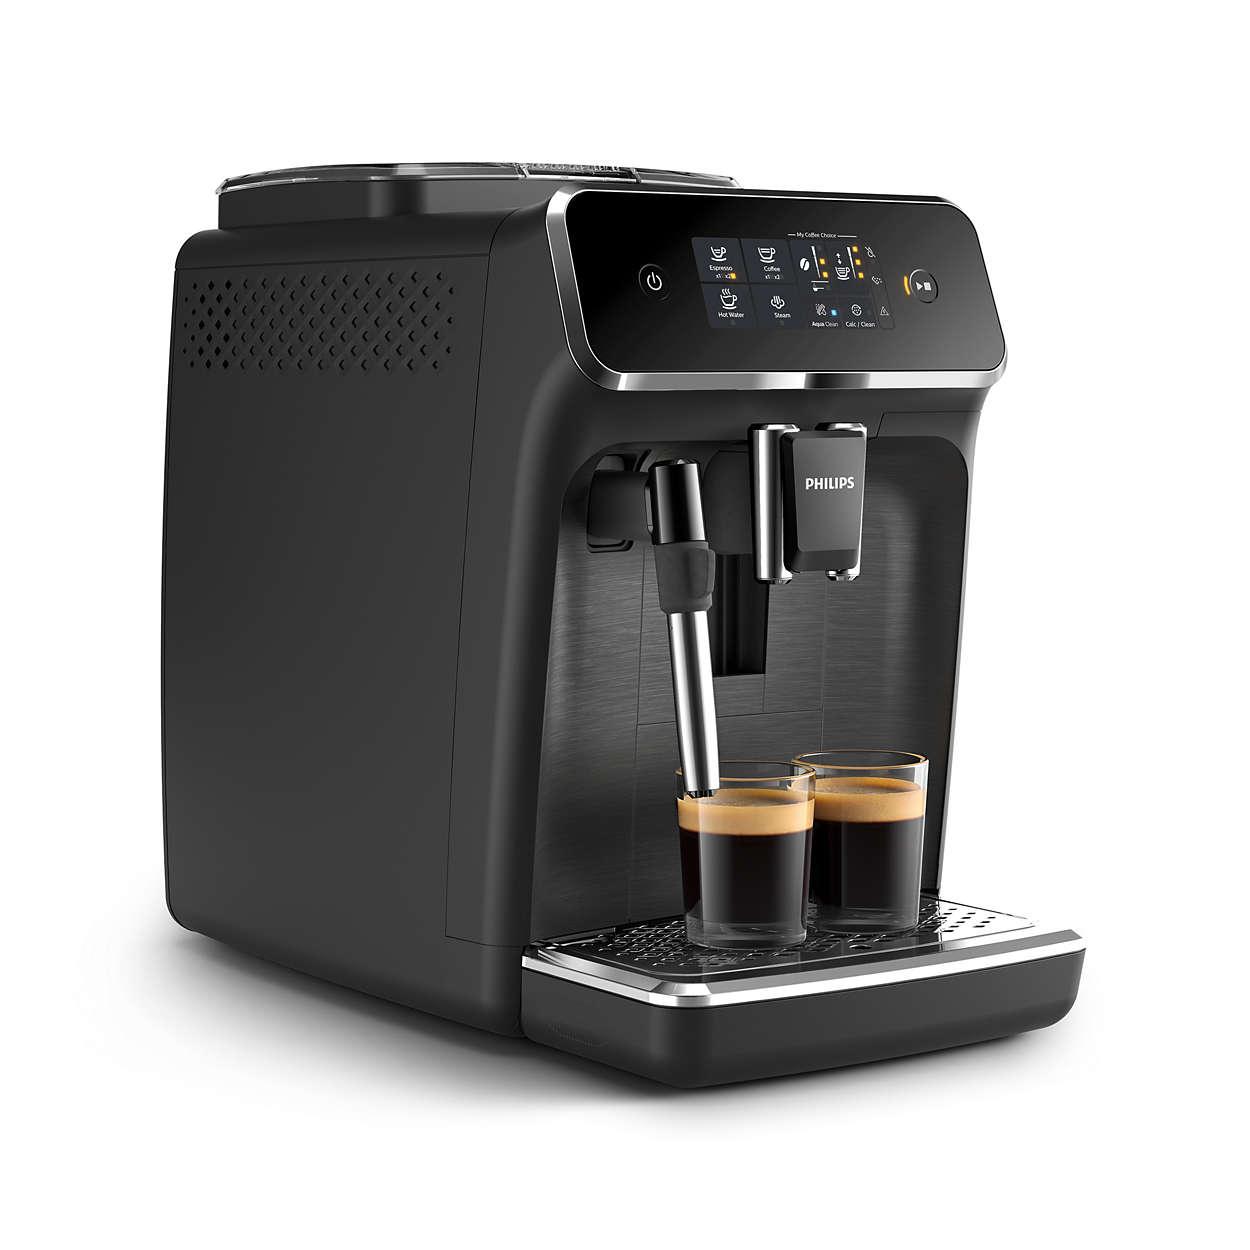 Taze çekirdeklerle kolayca hazırlanmış 2 bardak lezzetli kahve